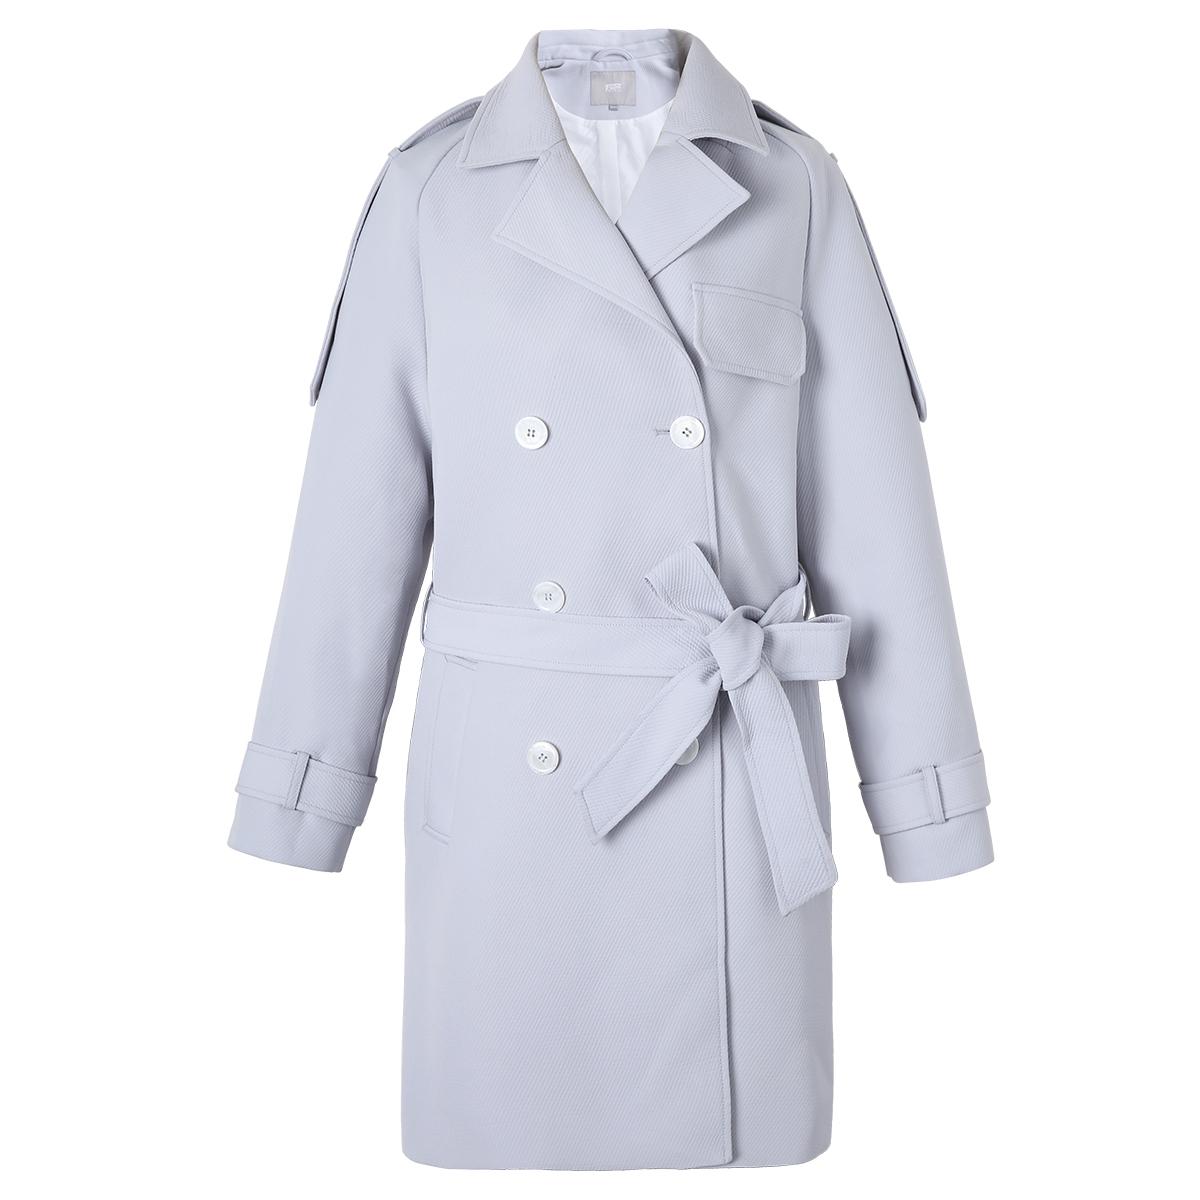 对白斜纹肌理感系带风衣女2019秋新款简约休闲西装领中长款外套D2